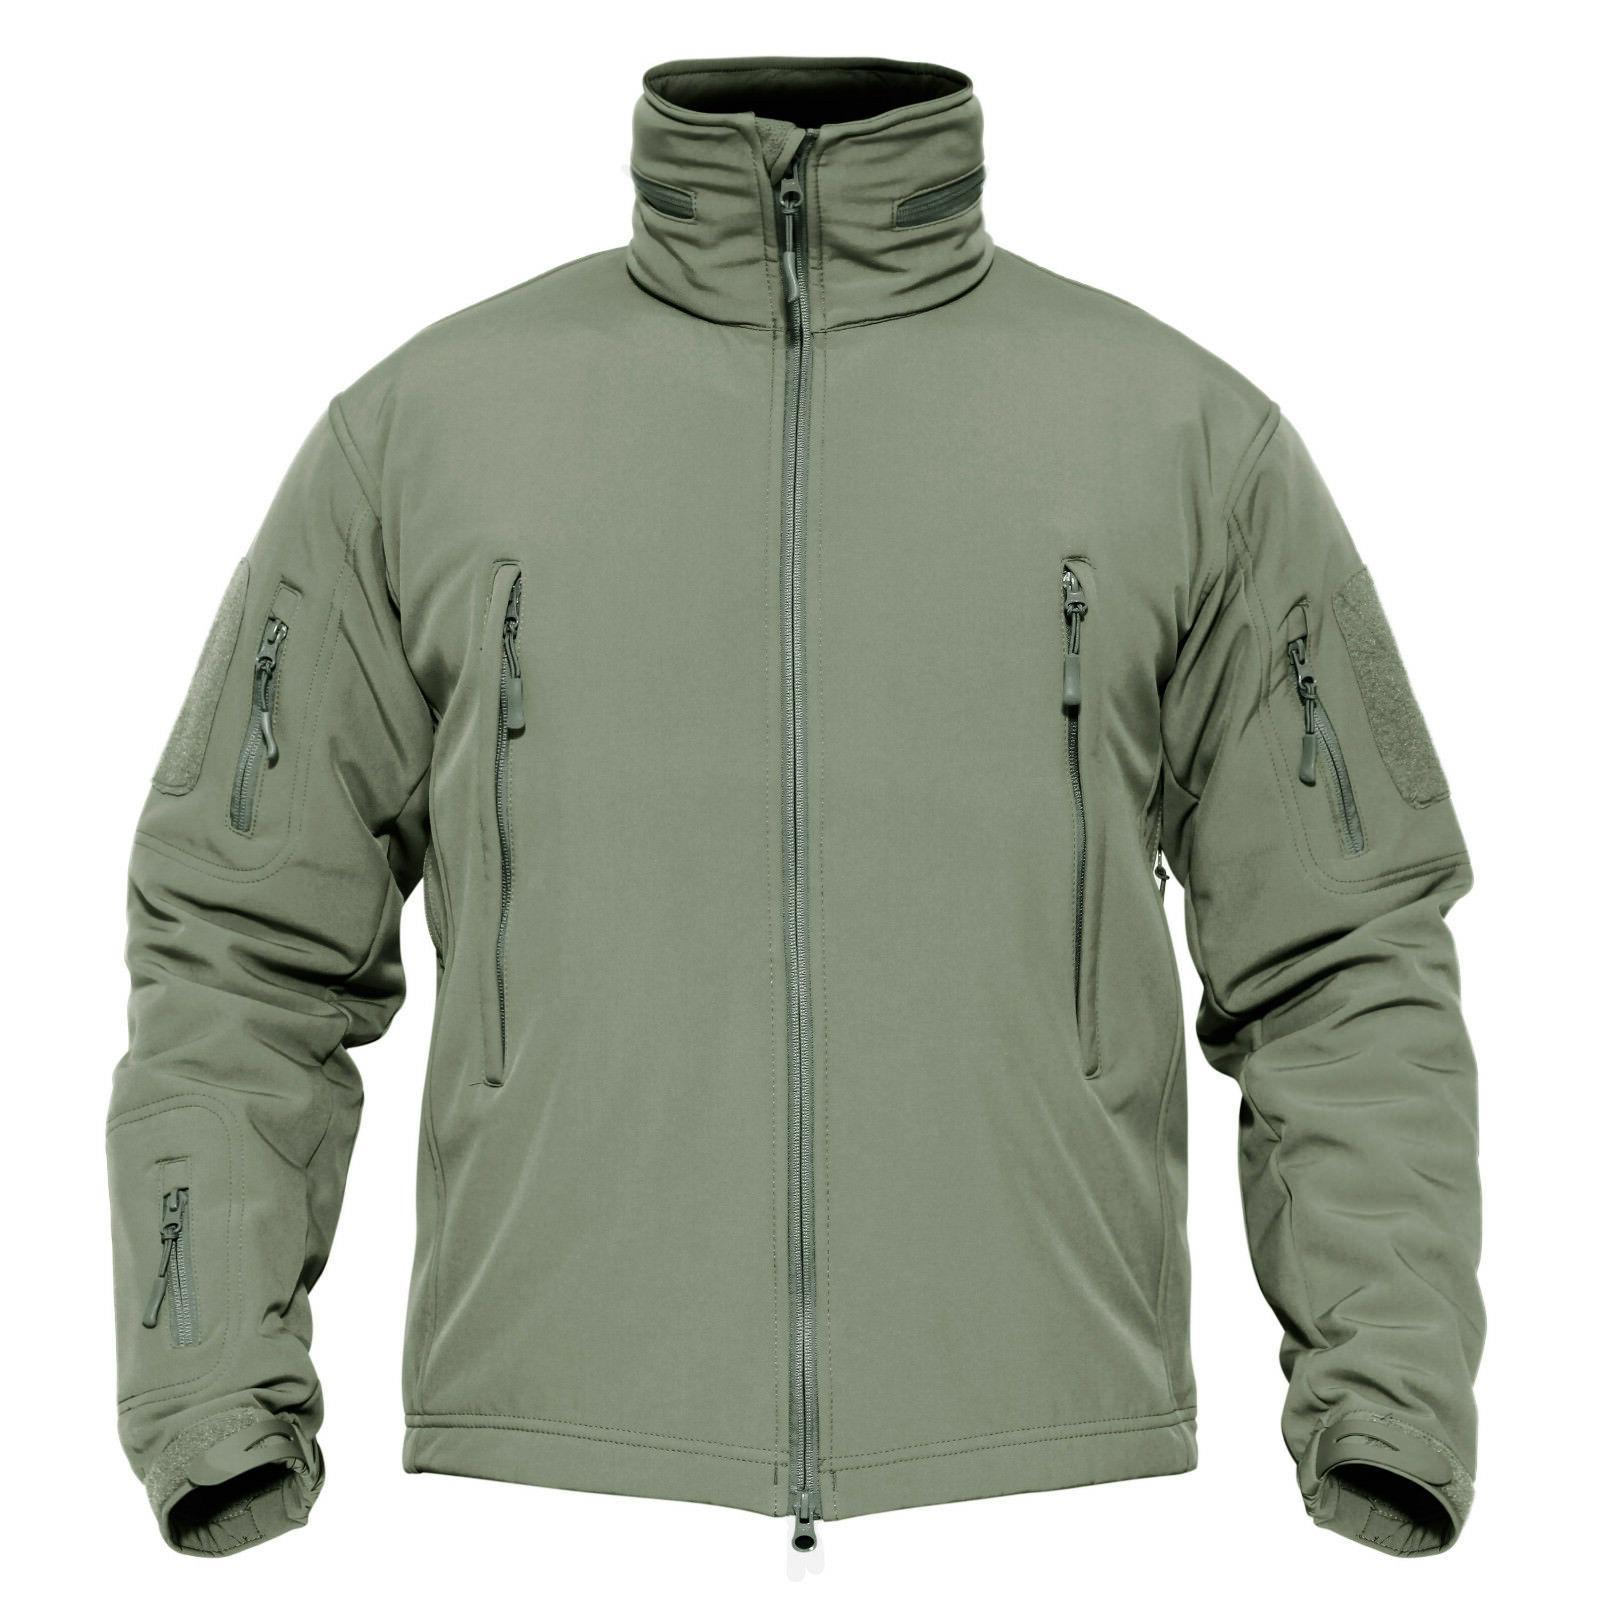 TACVASEN Tactical Jackets Waterproof Outdoor